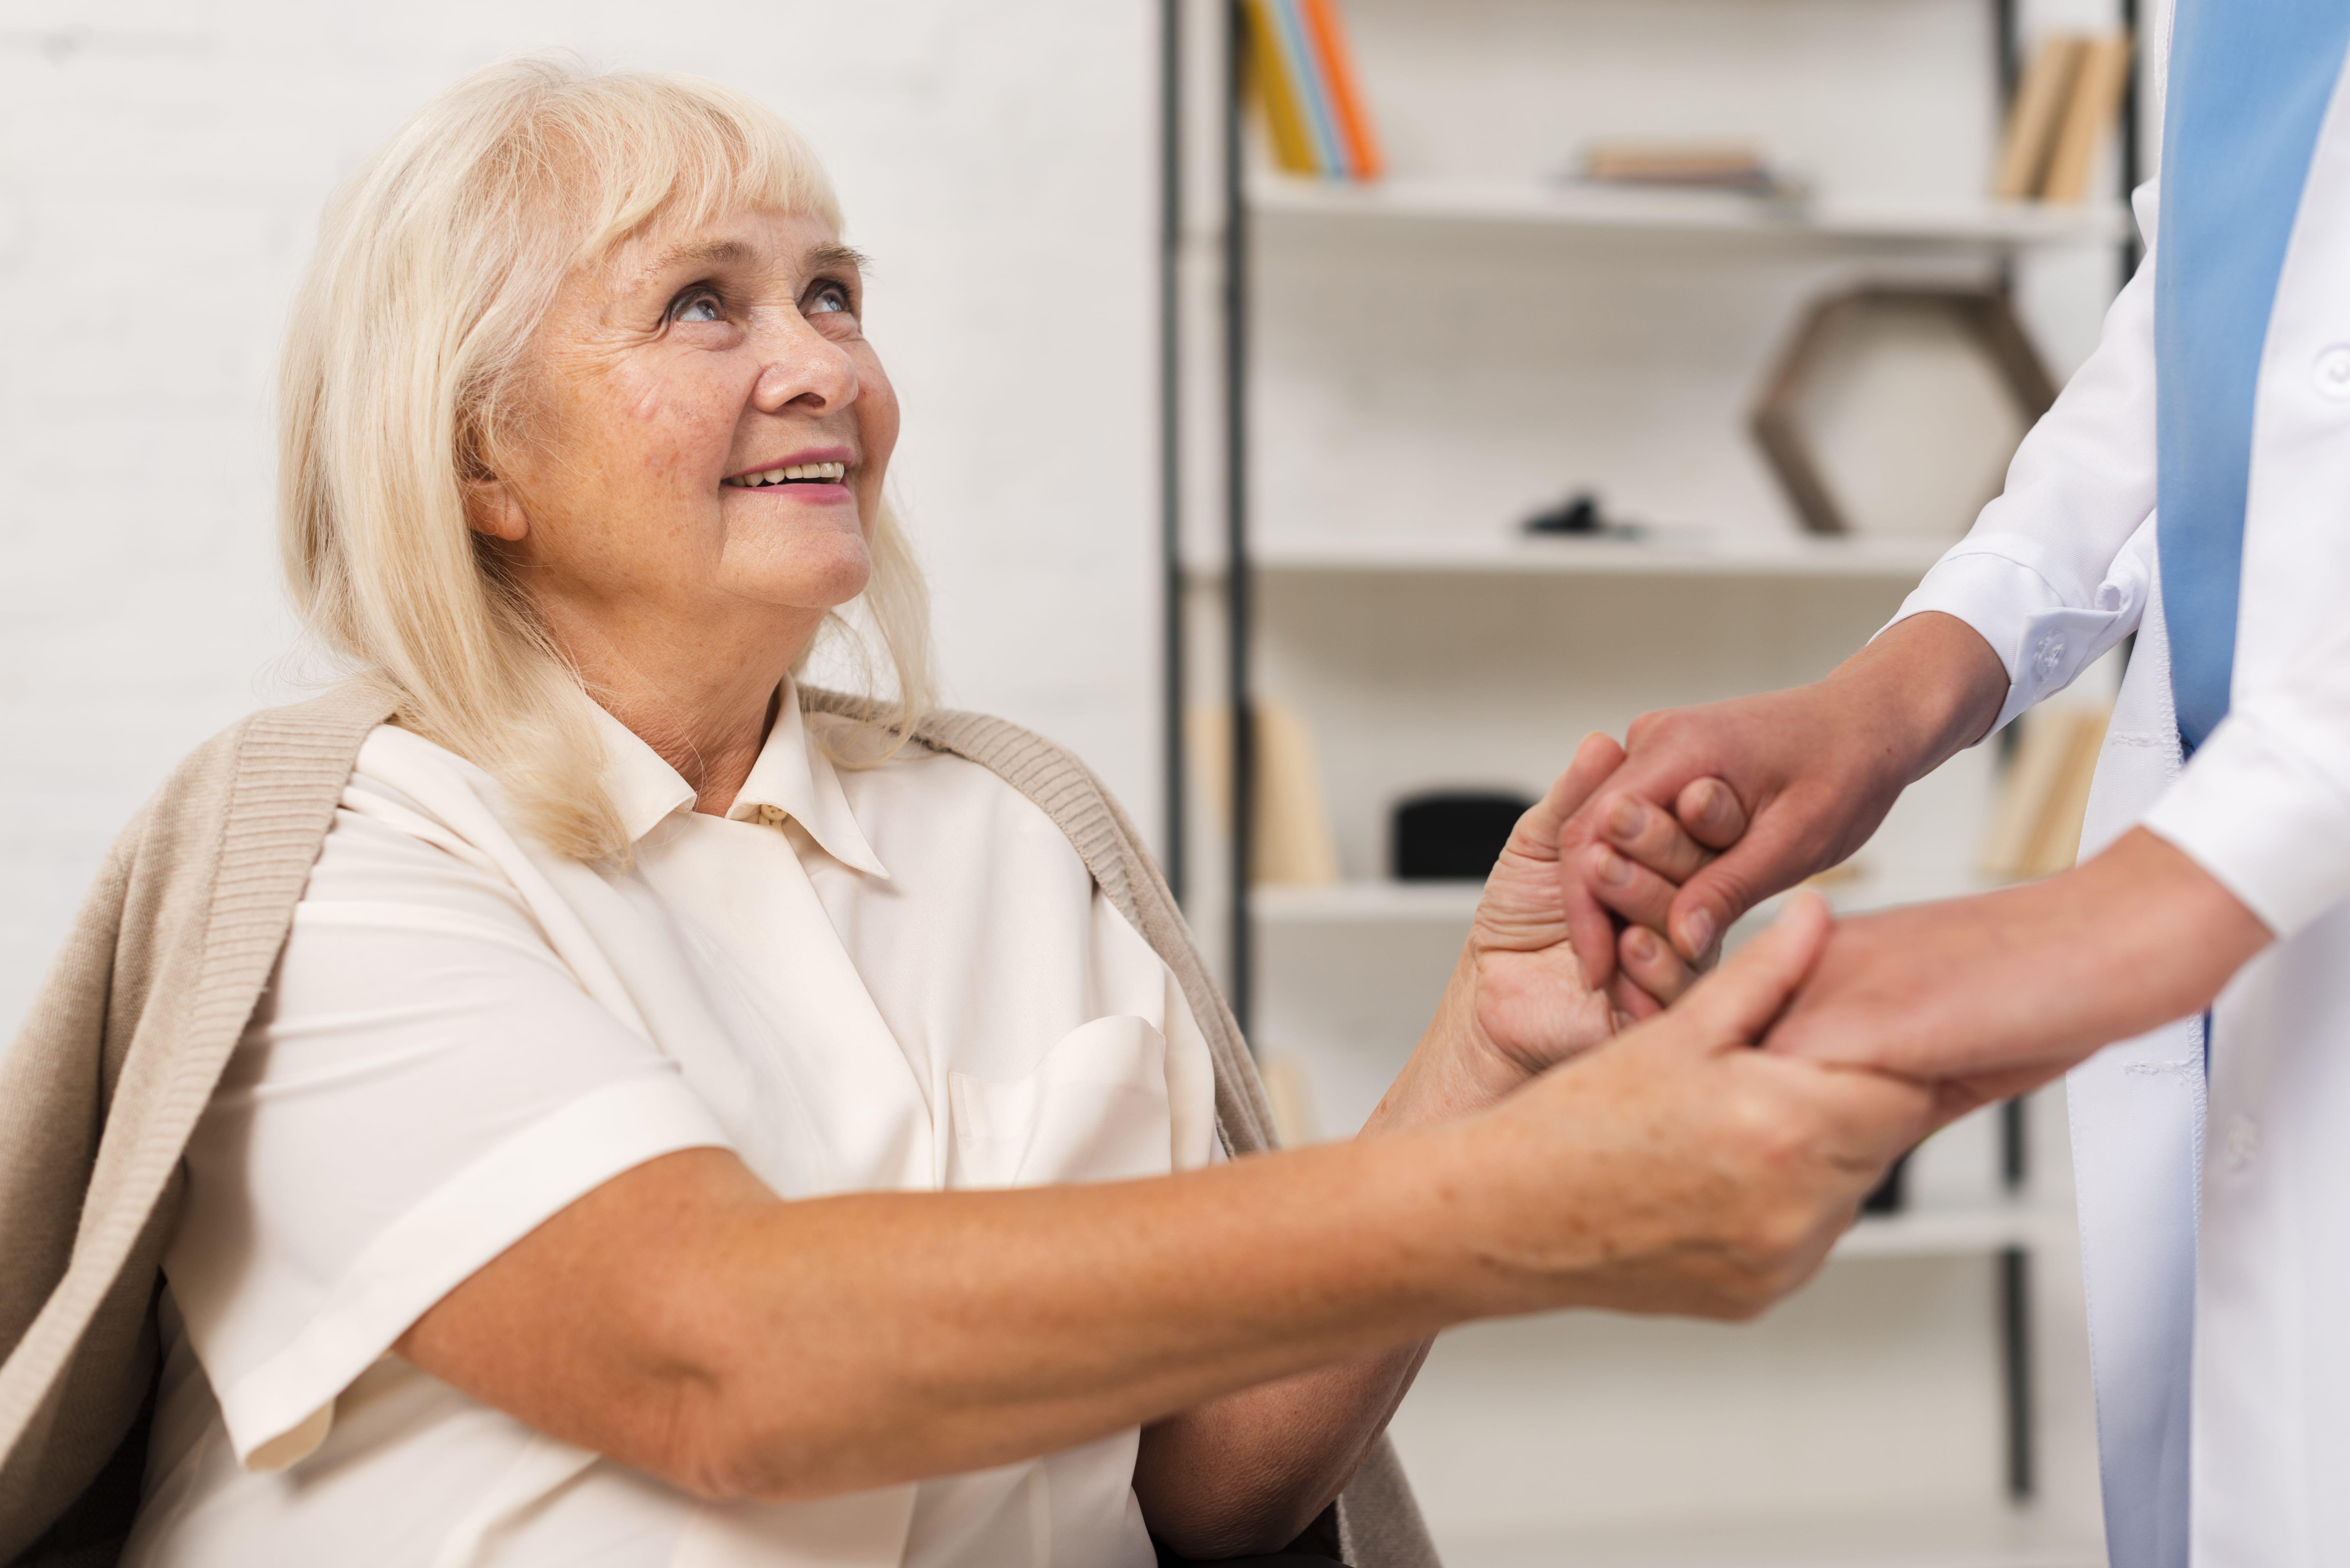 Servicios y técnicas realizadas por profesionales cualificadas a personas dependientes